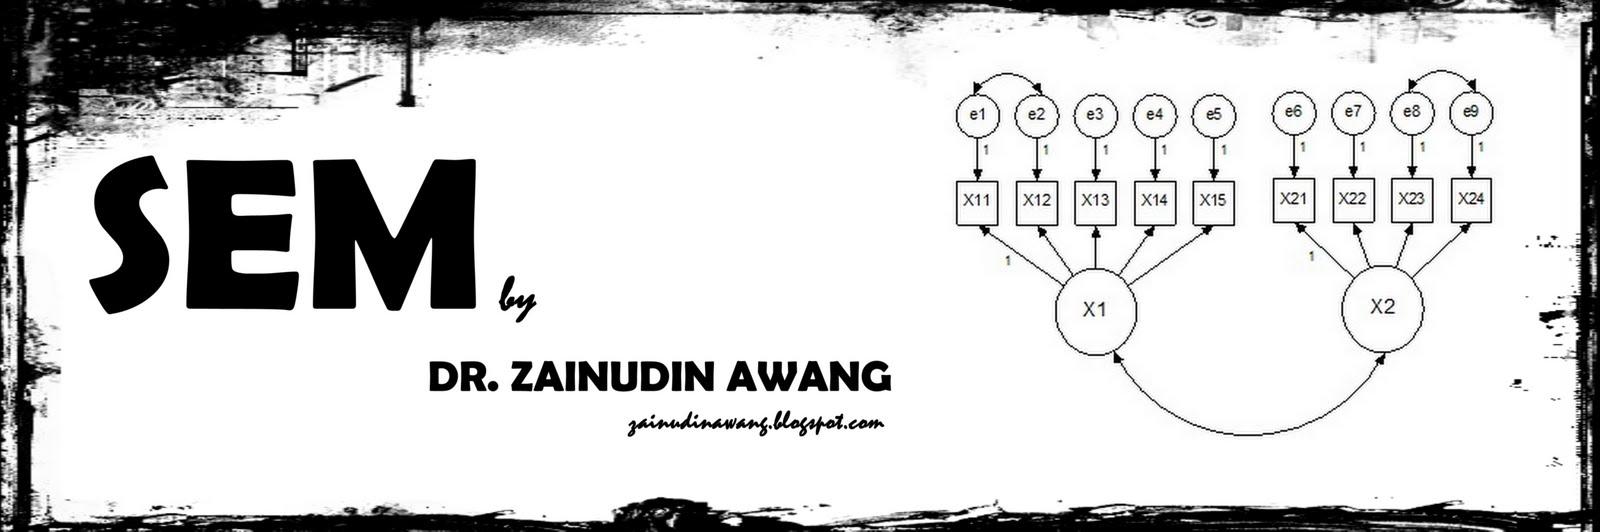 Dr. Zainudin Awang